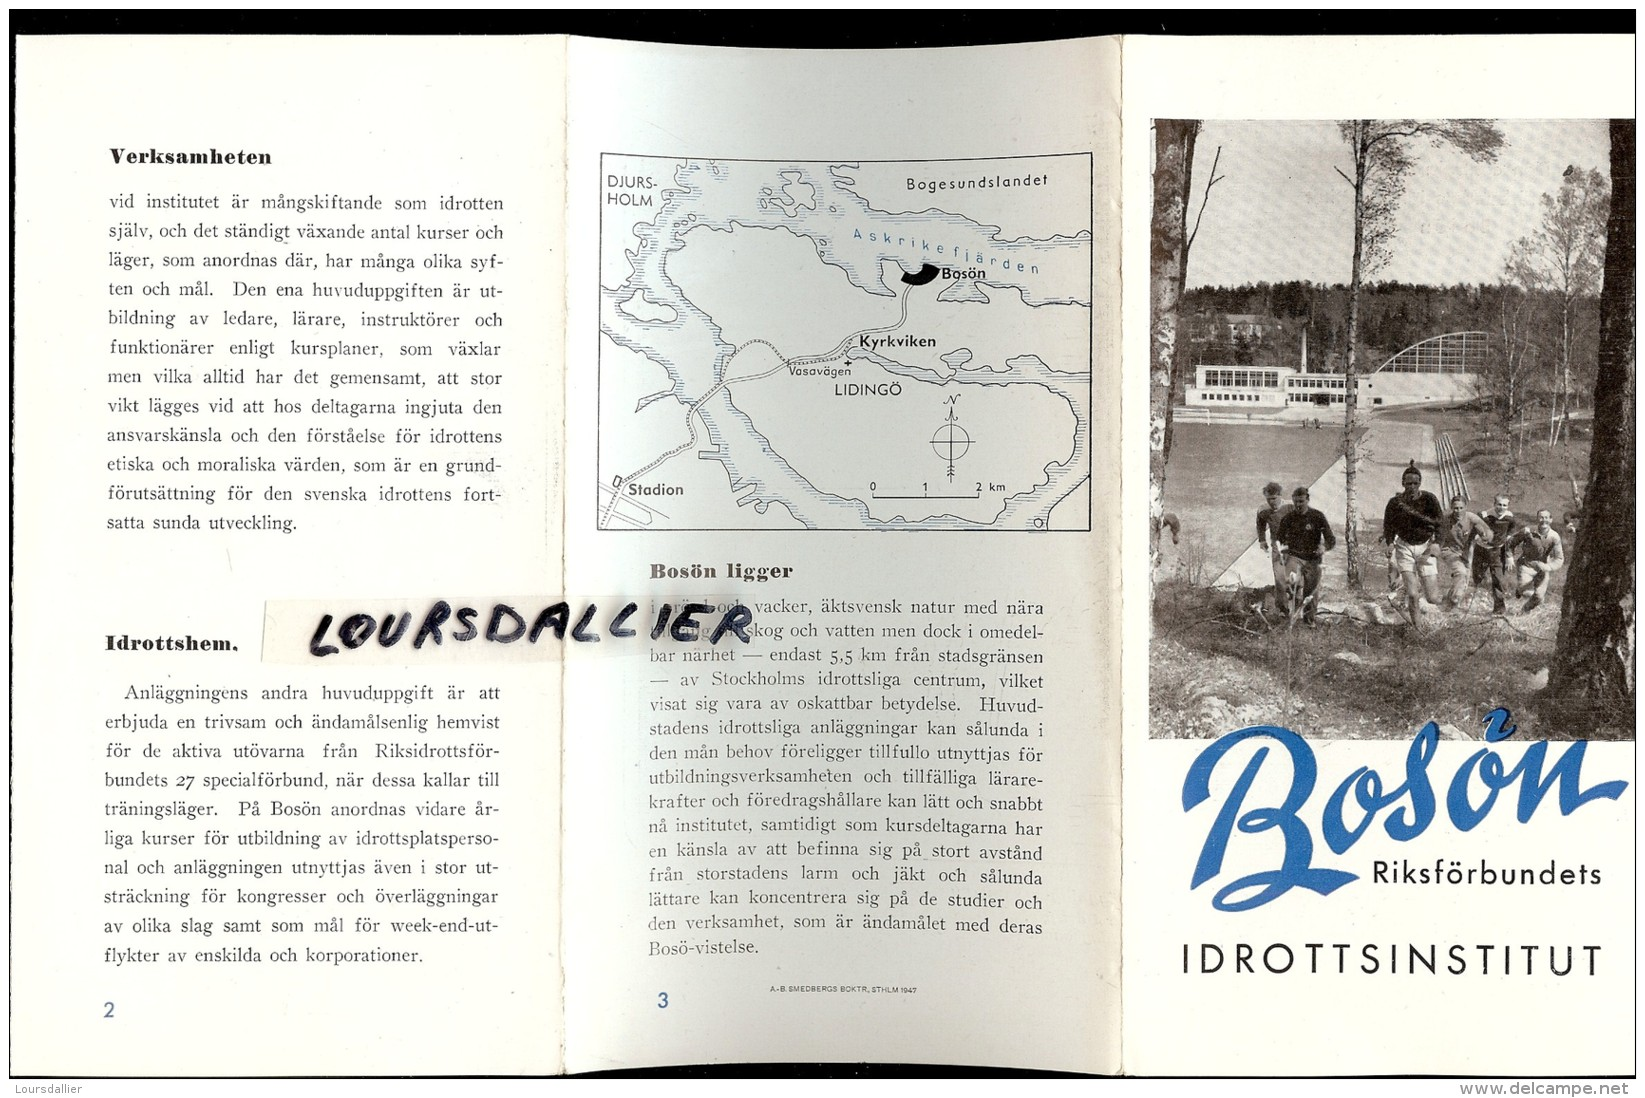 SUEDE BOSON Institut Des Sport 1952 Idrottsinstitut 1952 - Boeken, Tijdschriften, Stripverhalen